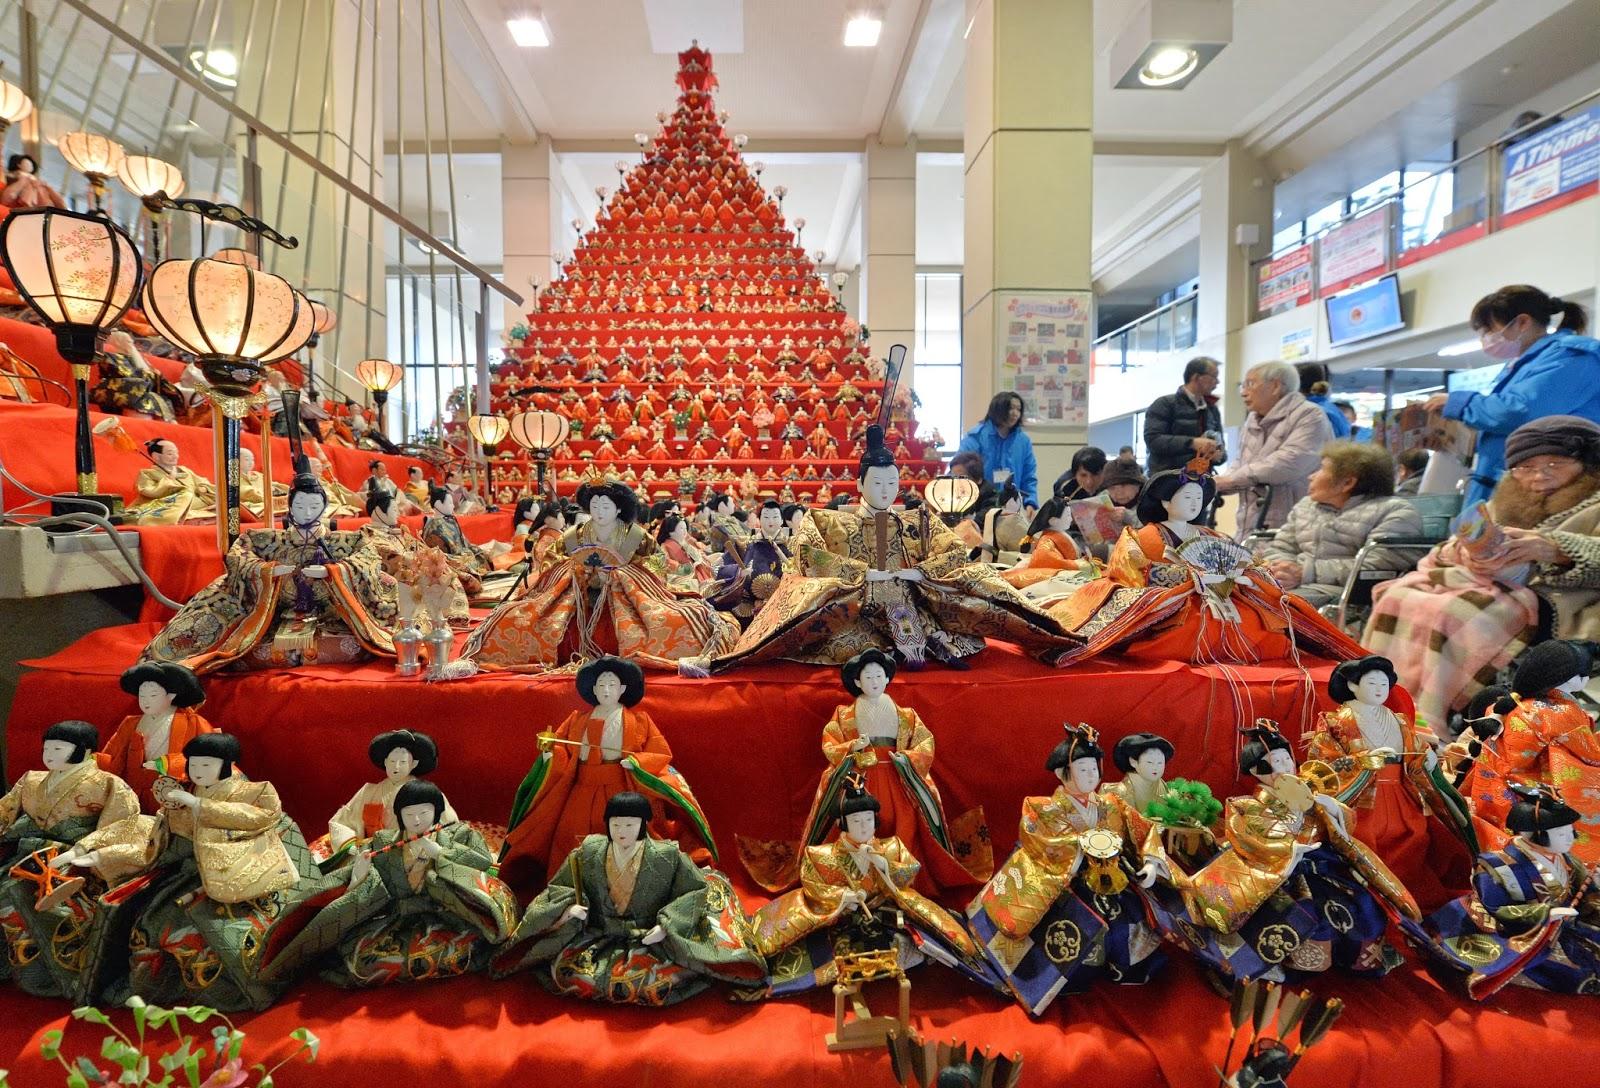 Doll Festival (Konosu Bikkuri Hinamatsuri) in Japan